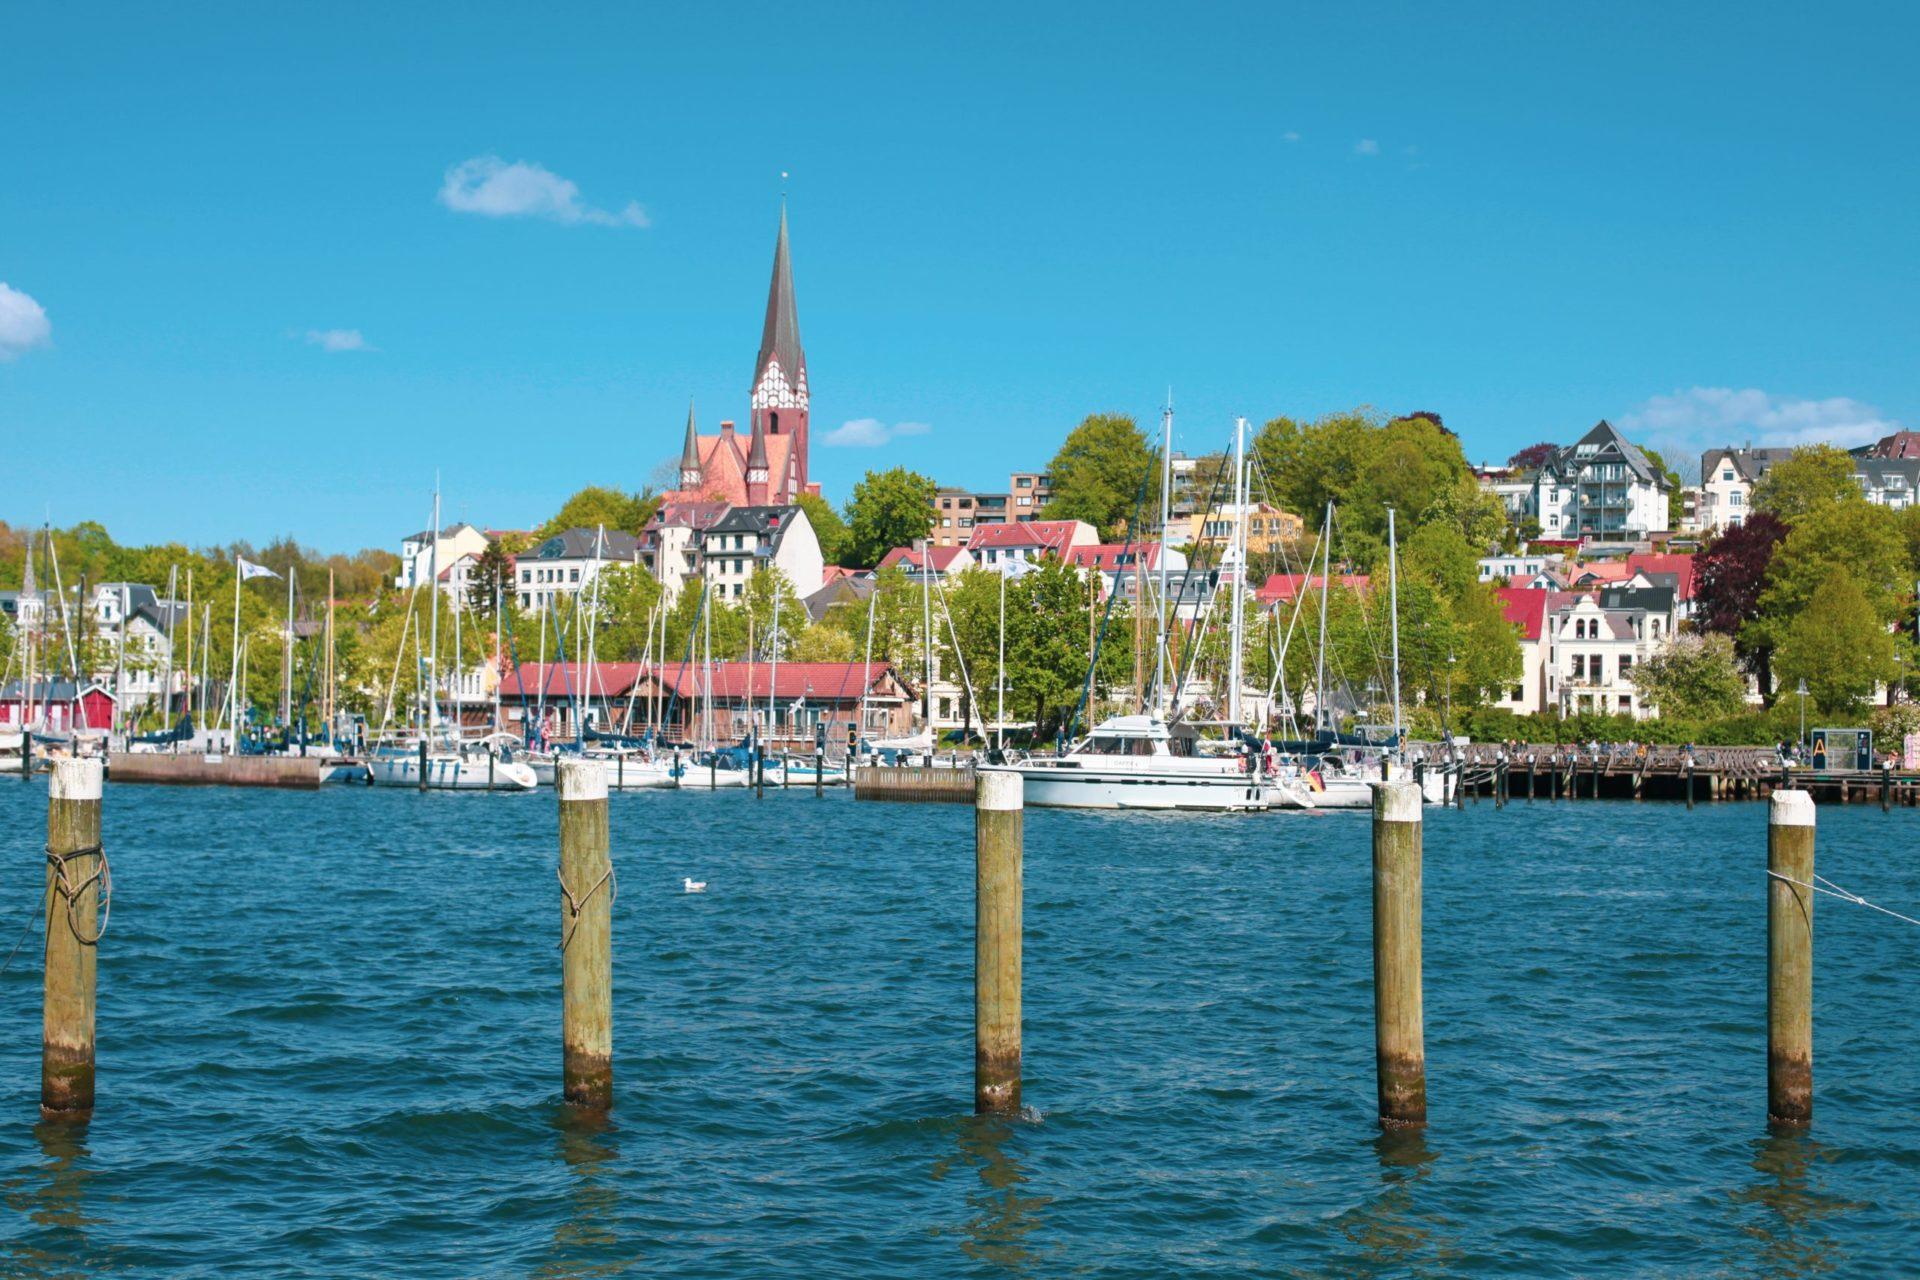 Wassertemperatur Flensburg: Fischereihafen von Flensburg mit Kirche und Stadtteil St. Jürgen (Jürgensby, Kapitänsviertel) im Hintergrund